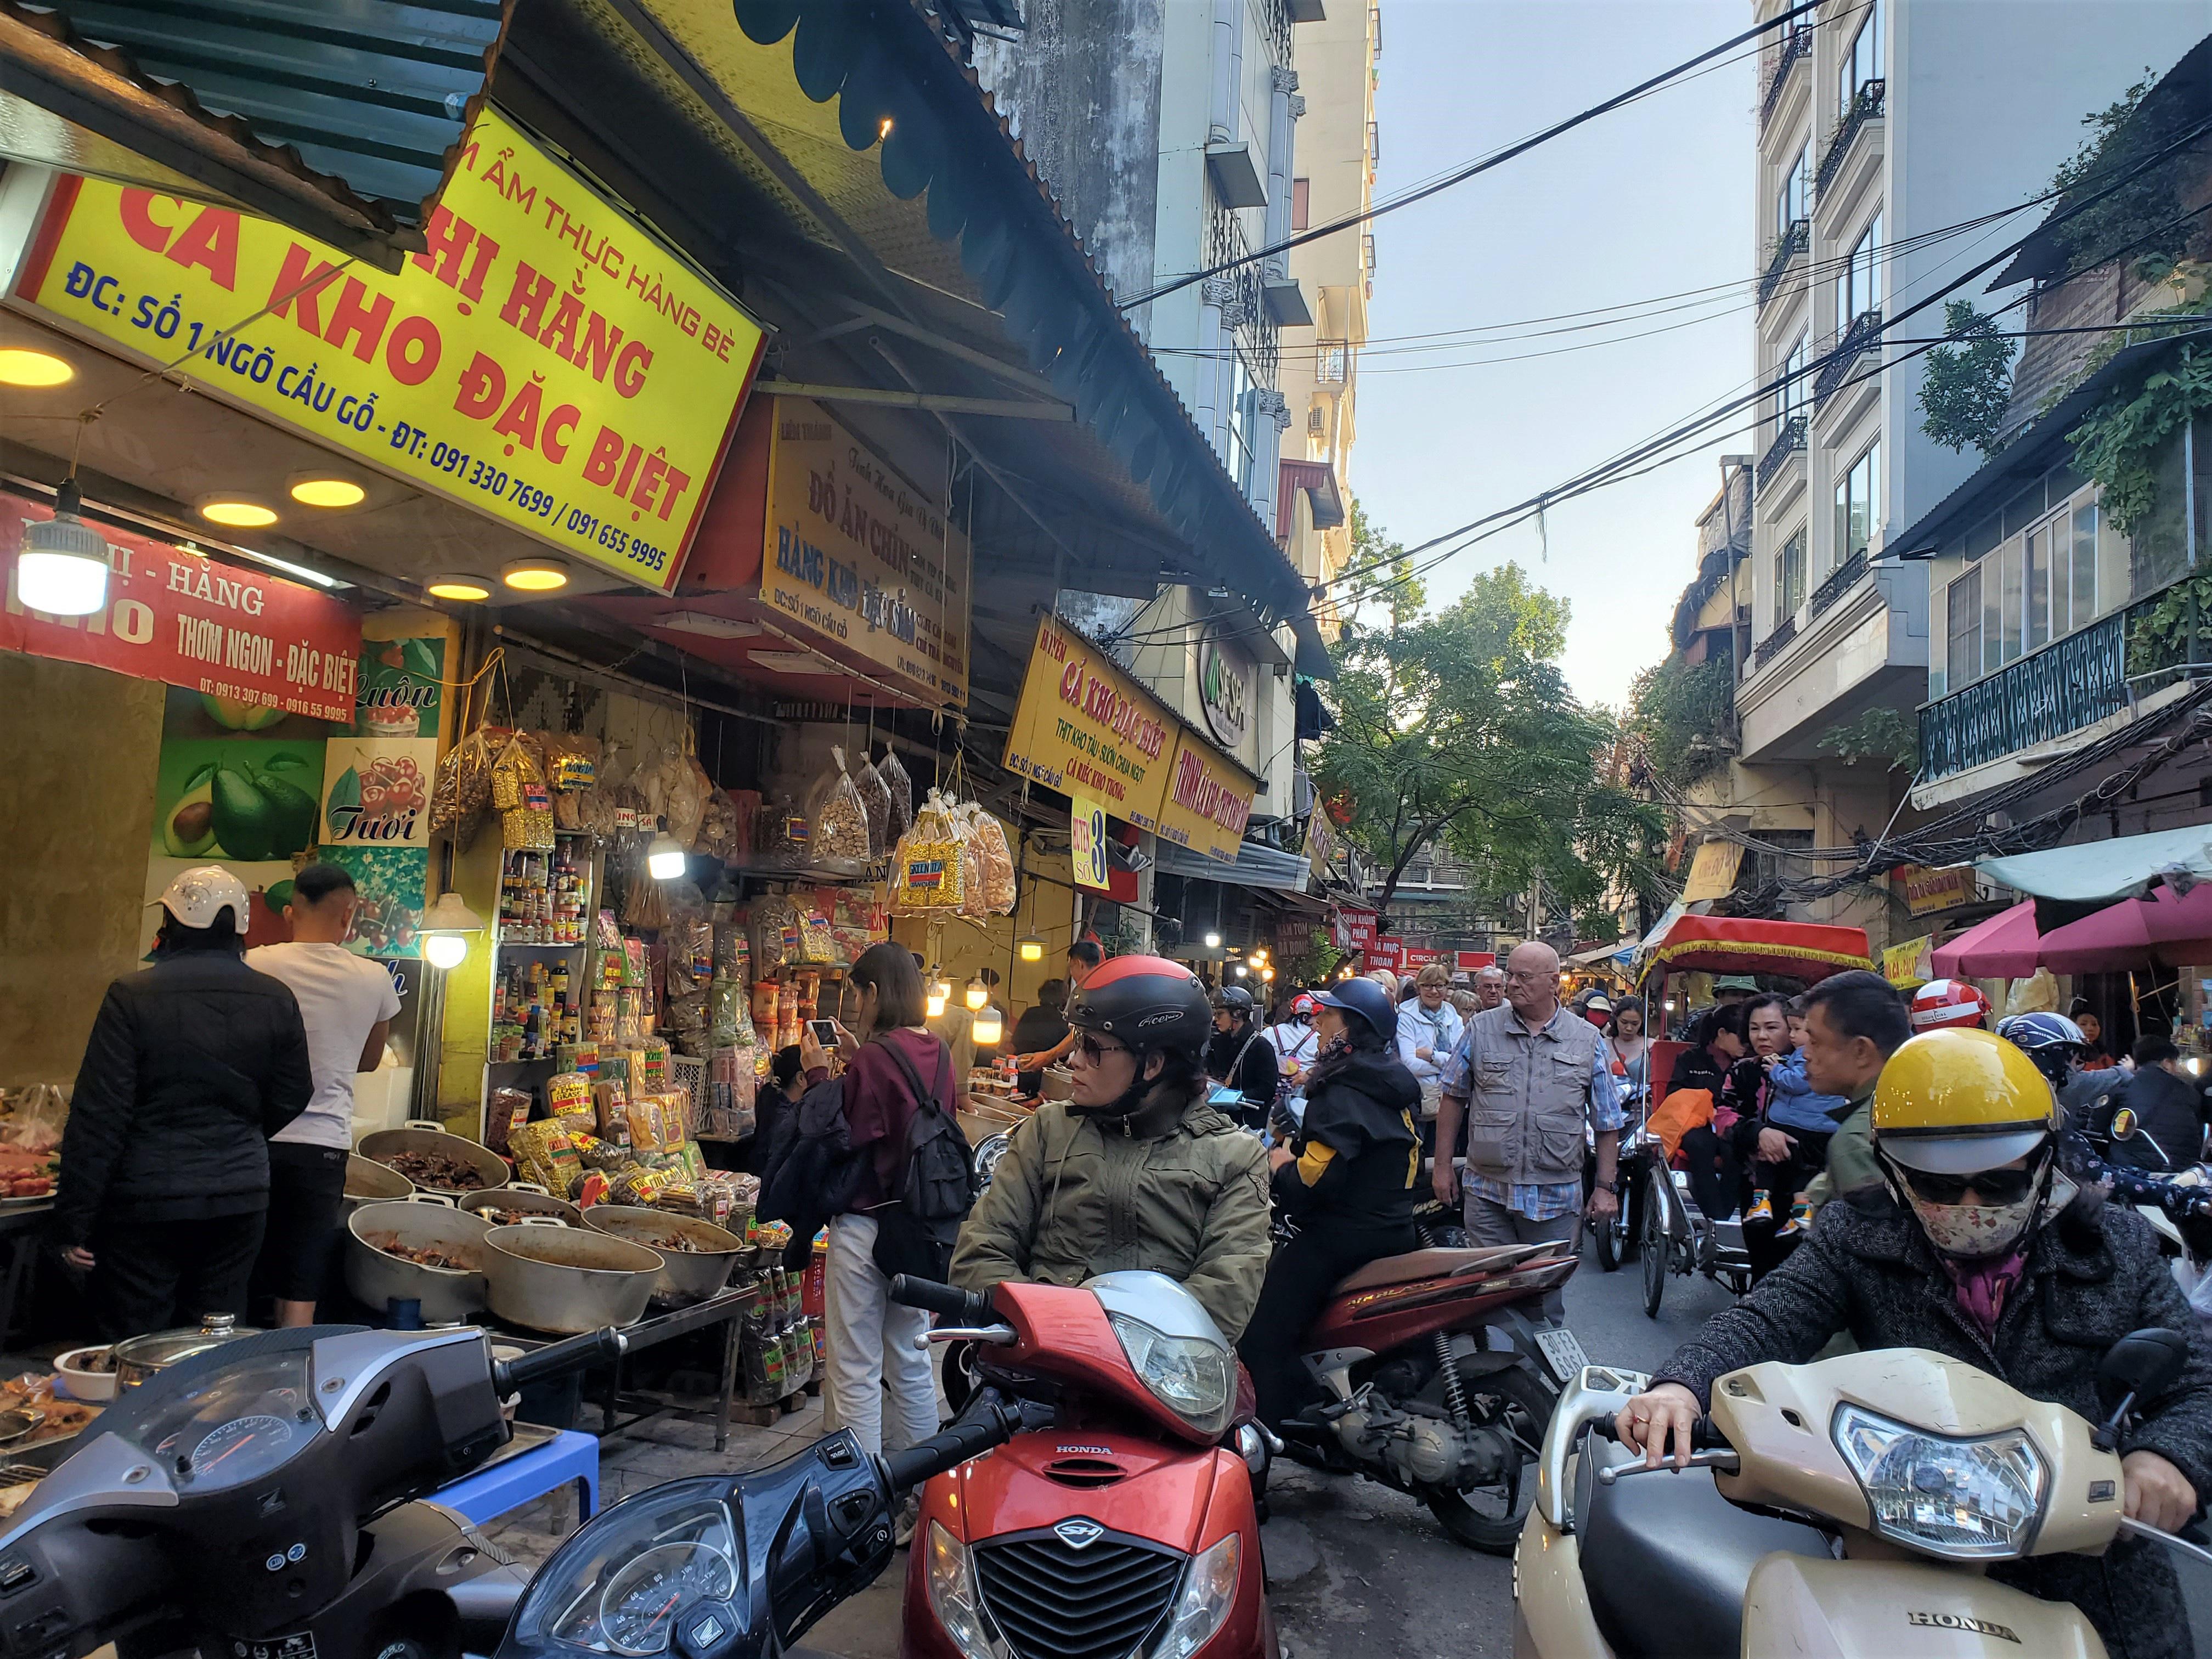 Khu chợ độc nhất Hà Nội: Mở vài tiếng bán hàng trăm cân cá kho, trời lạnh càng hút khách - Ảnh 2.